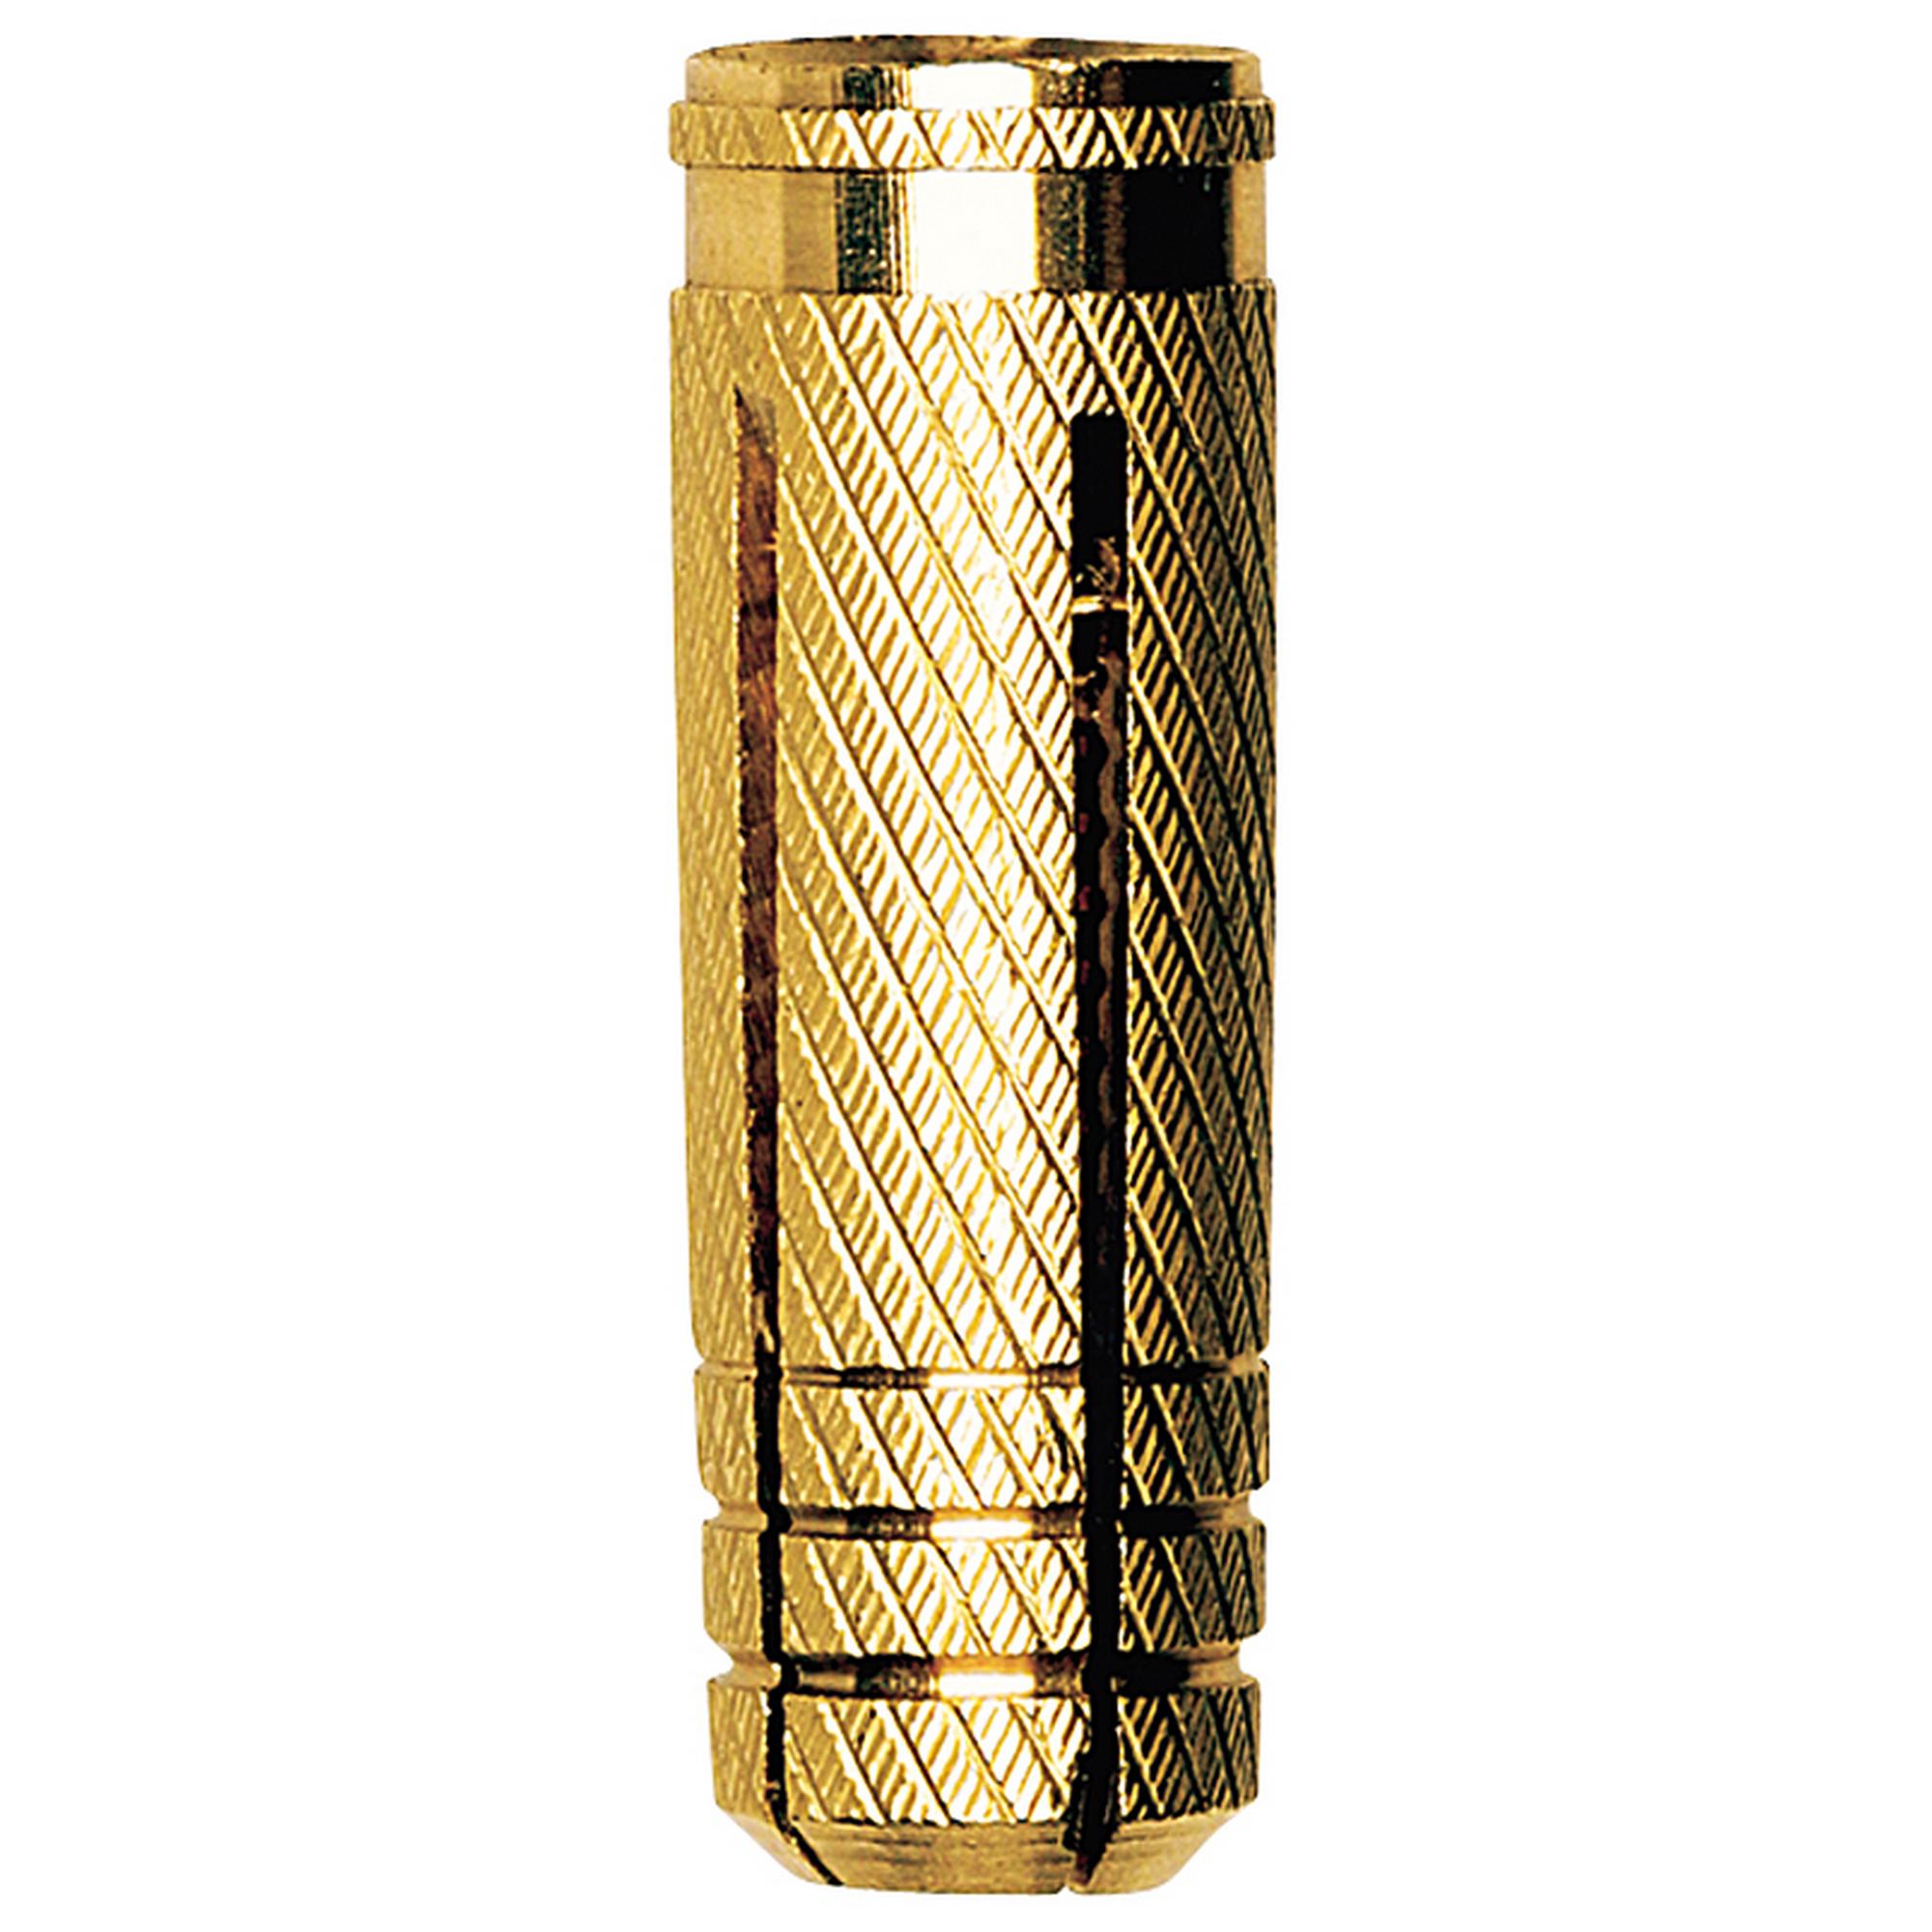 FISCHER MS Messingdübel M6 x 22mm Dübel Messing für metrisches Gewinde M6